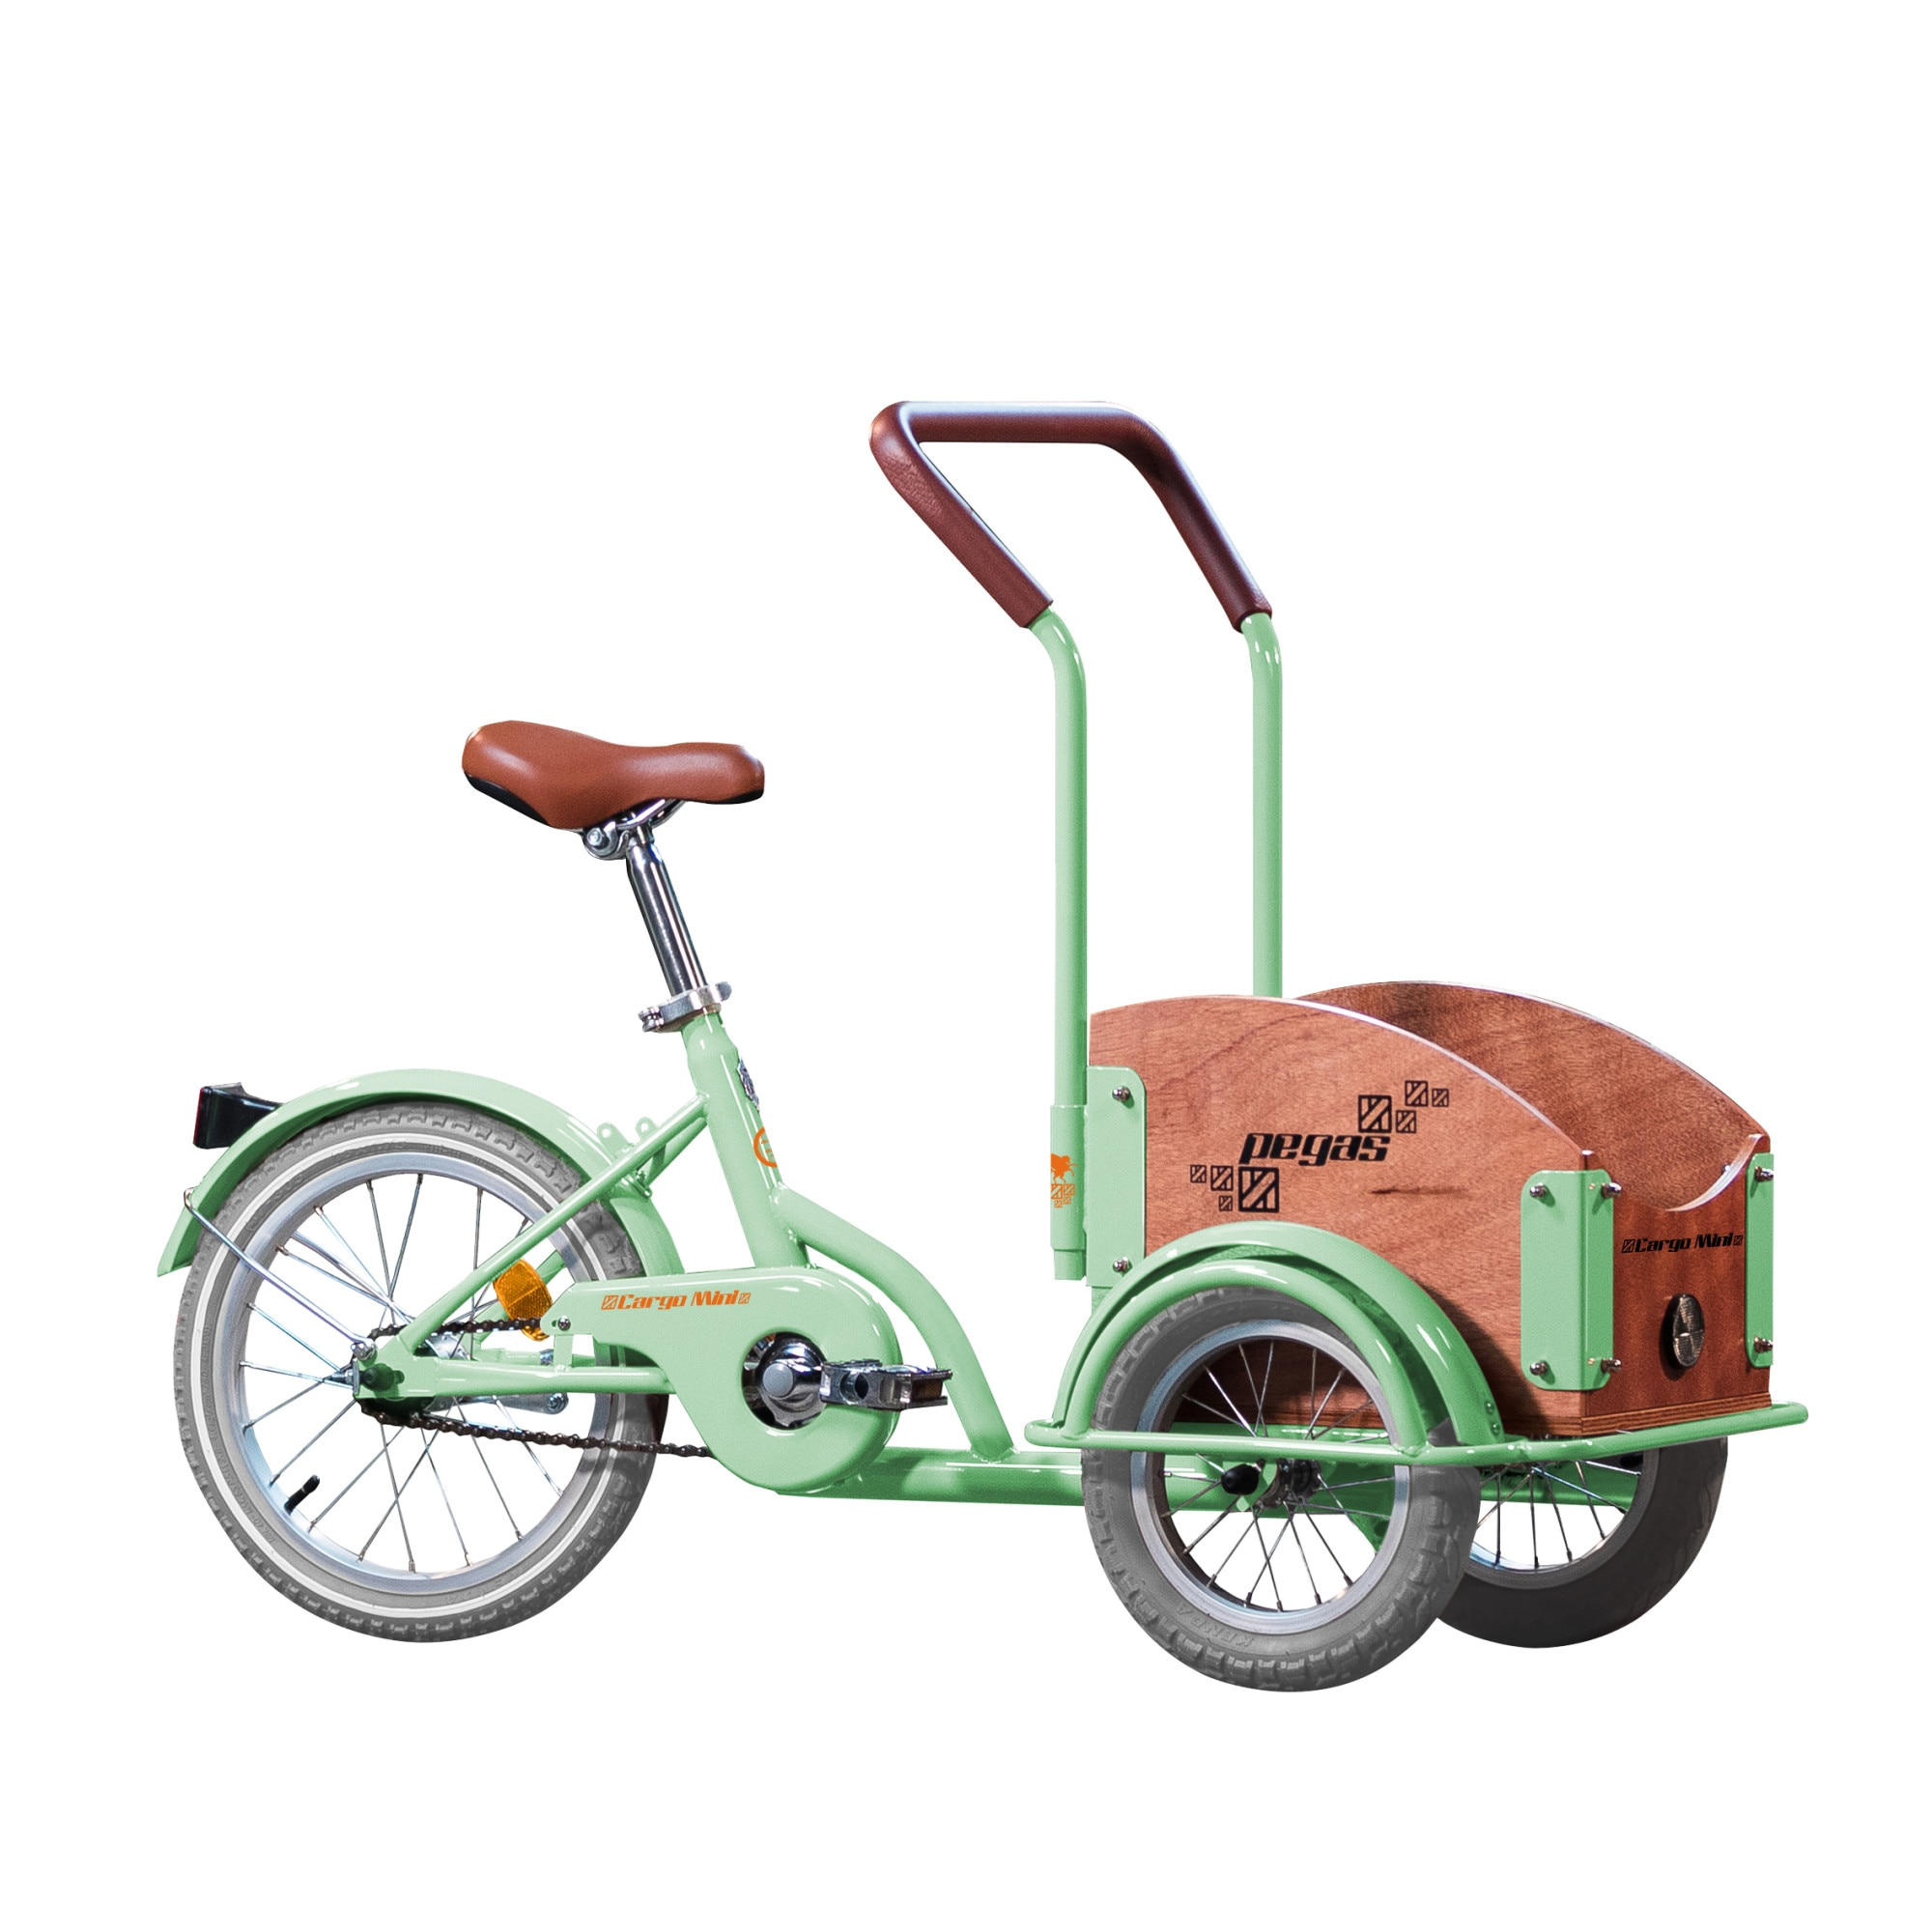 Fotografie Bicicleta Pegas Mini Cargo 1S pentru copii, Verde Fistic